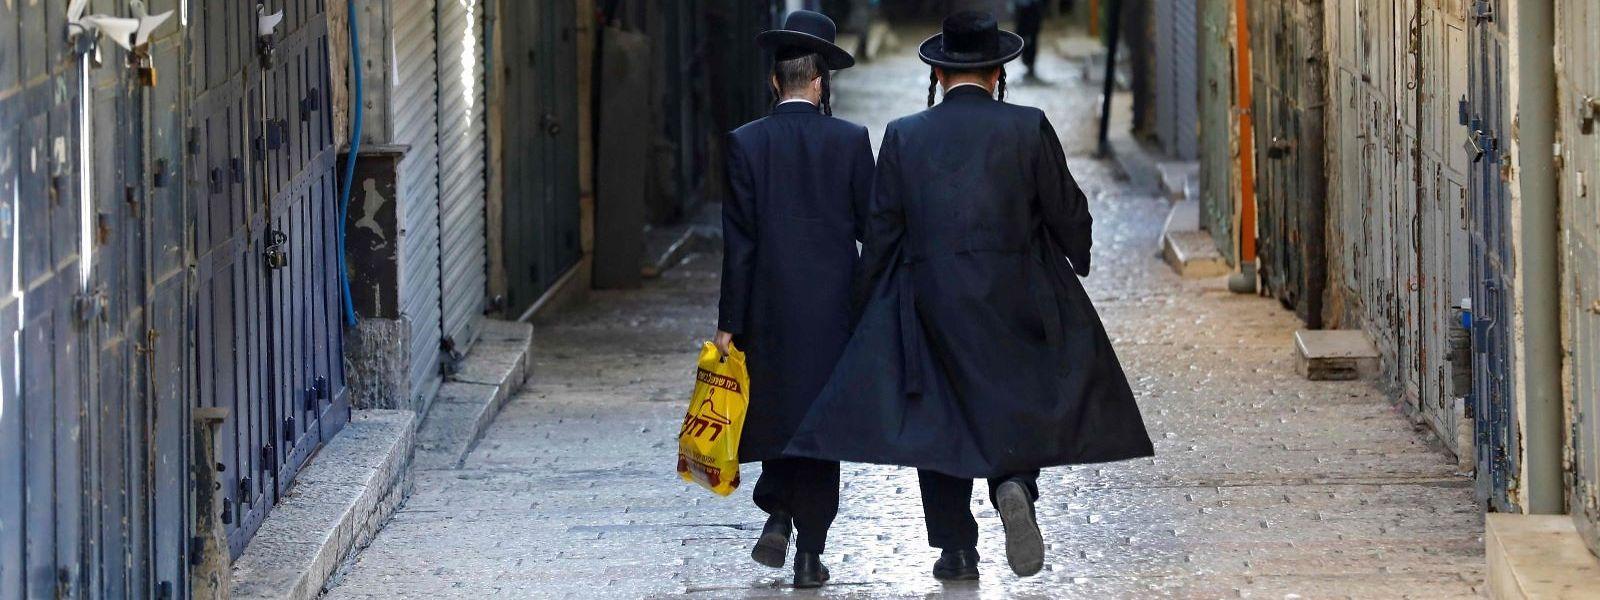 Ultraorthodoxe Israeli im Zentrum von Jerusalem.